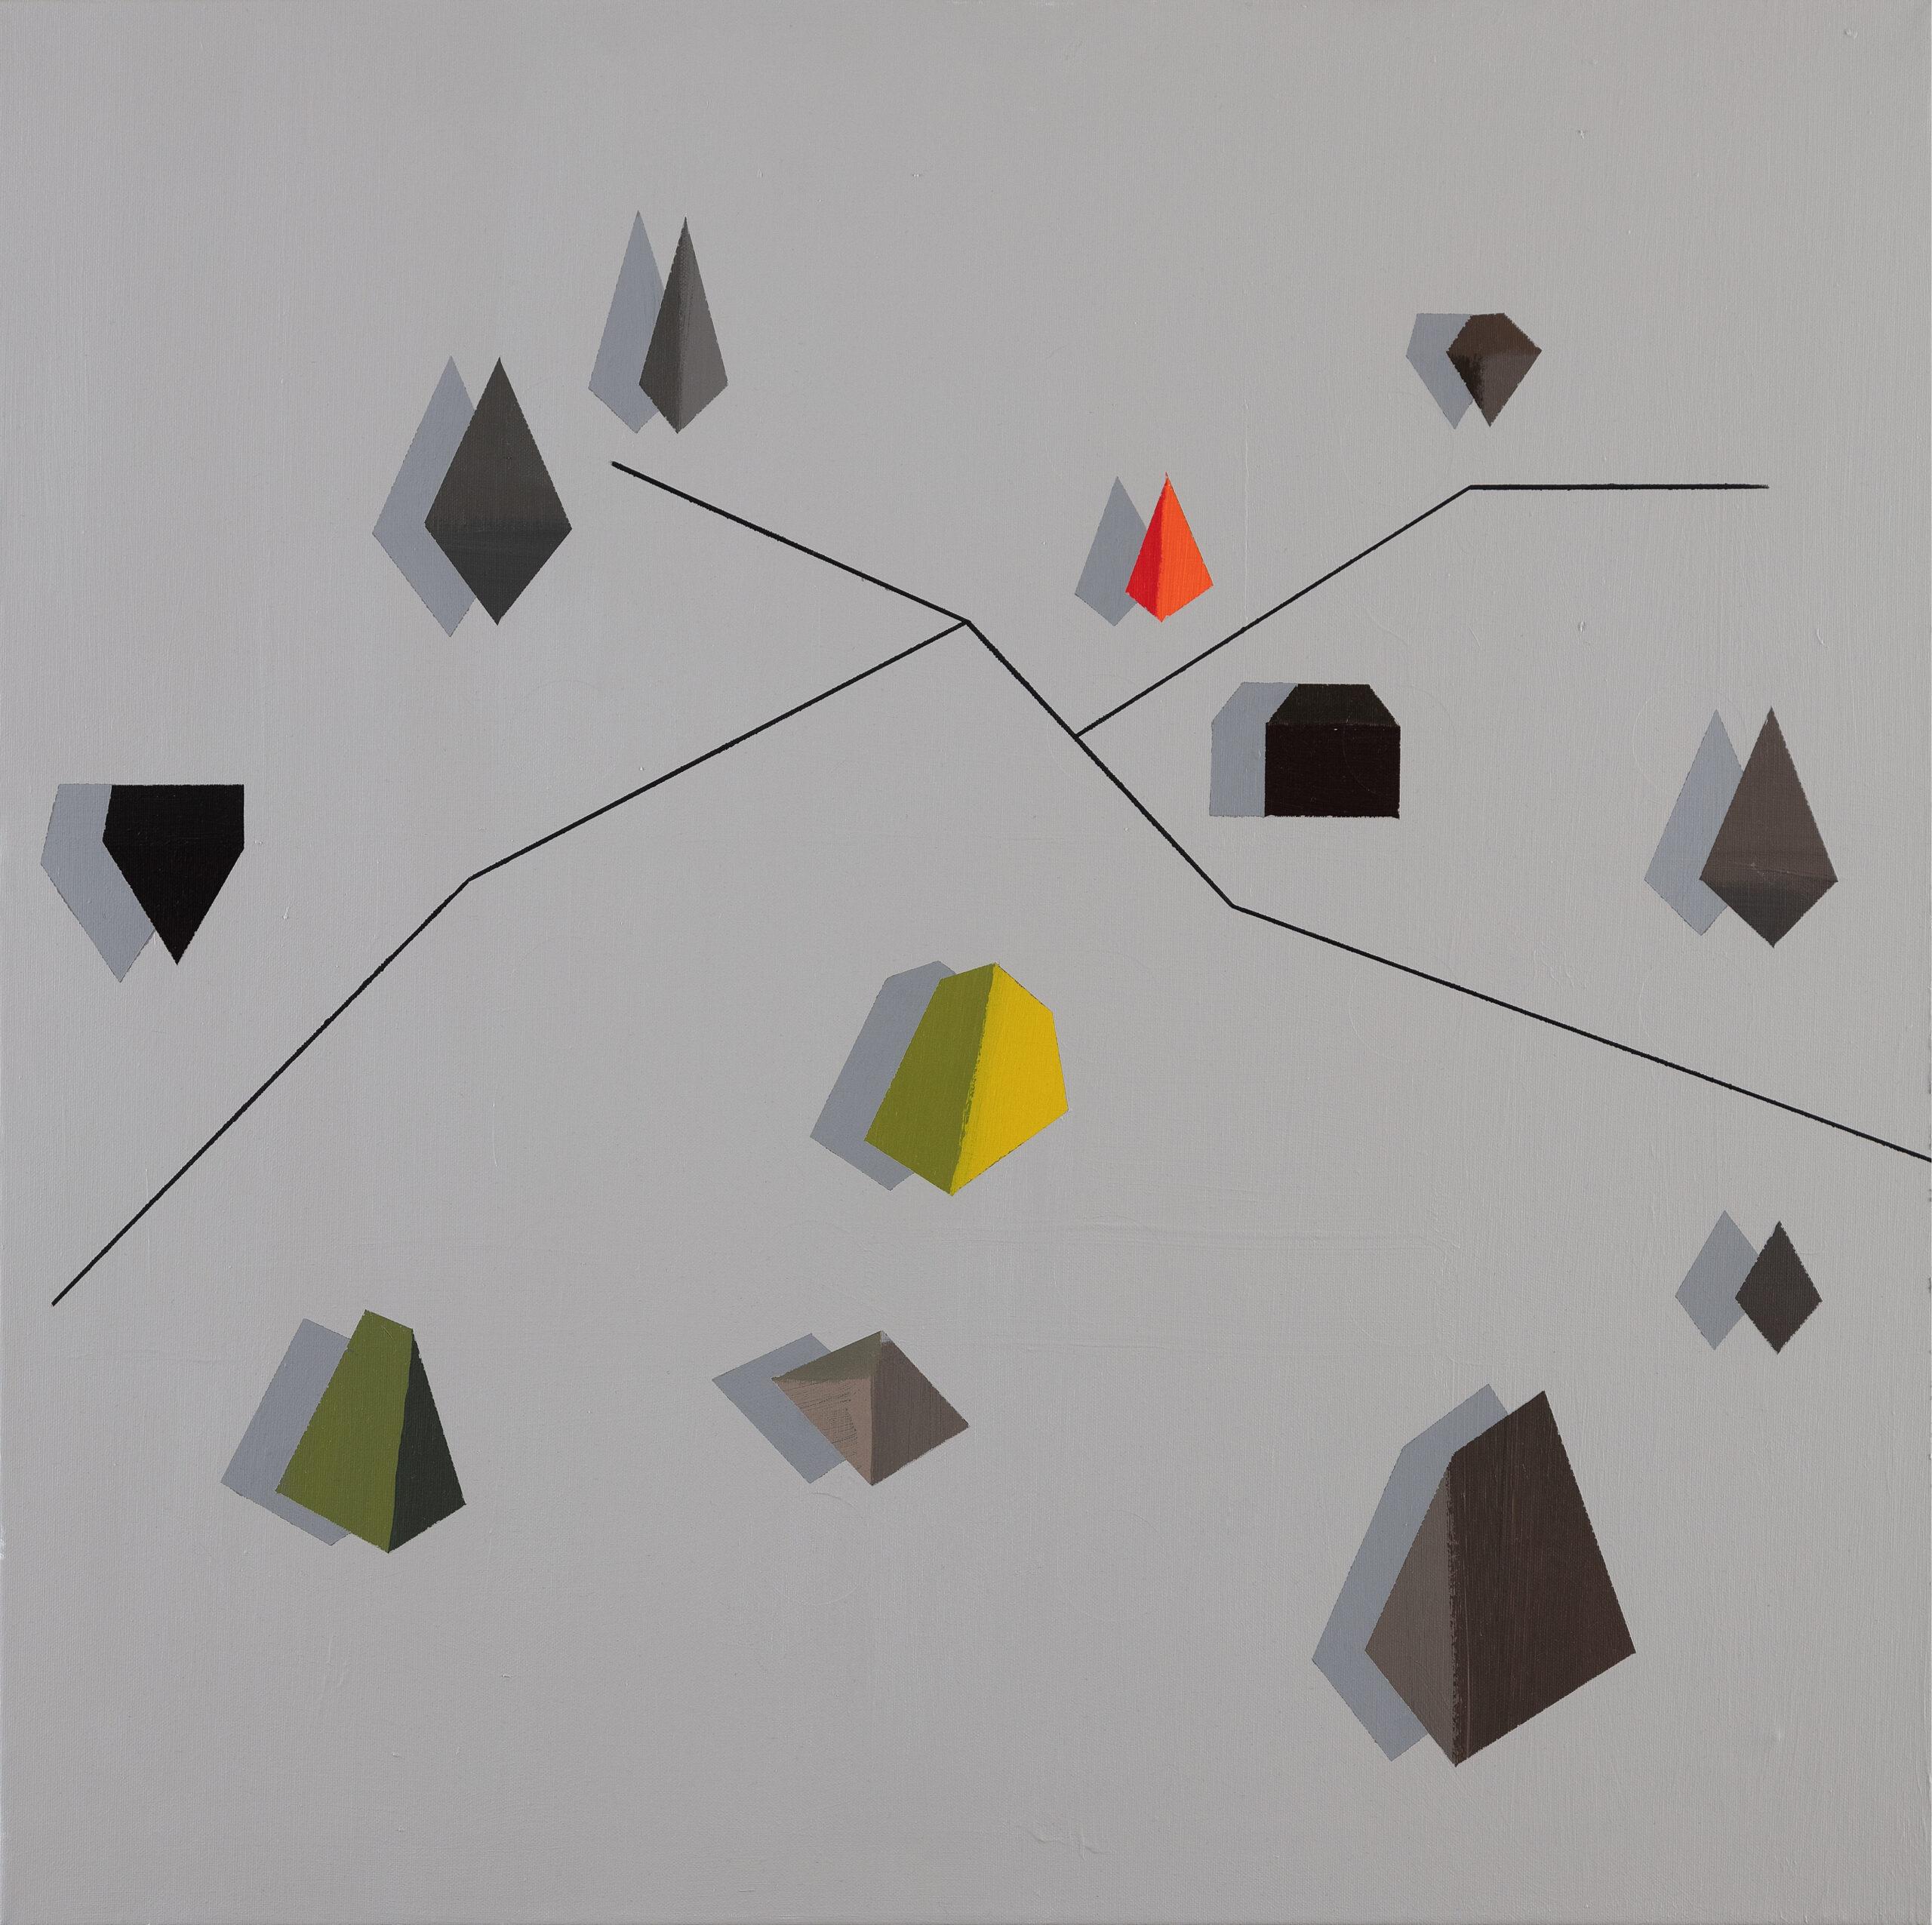 plánek tábora / camp map, 80x80 cm, akryl na plátně / acrylic on canvas, 2021